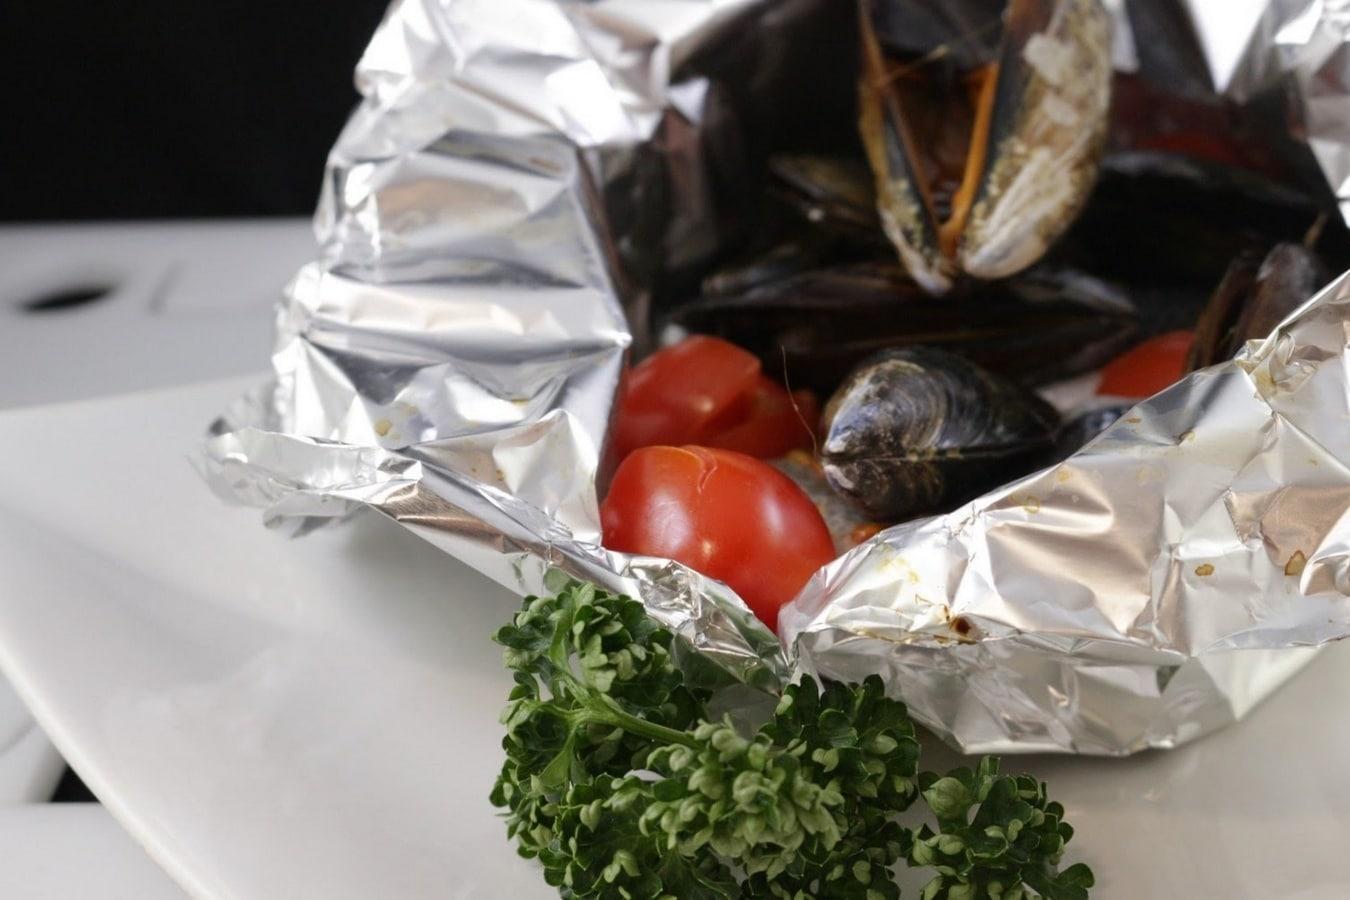 corso di cucina di base scuola di cucina a torino la palestra del cibo cottura al forno cottura al cartoccio cartoccio di verdure